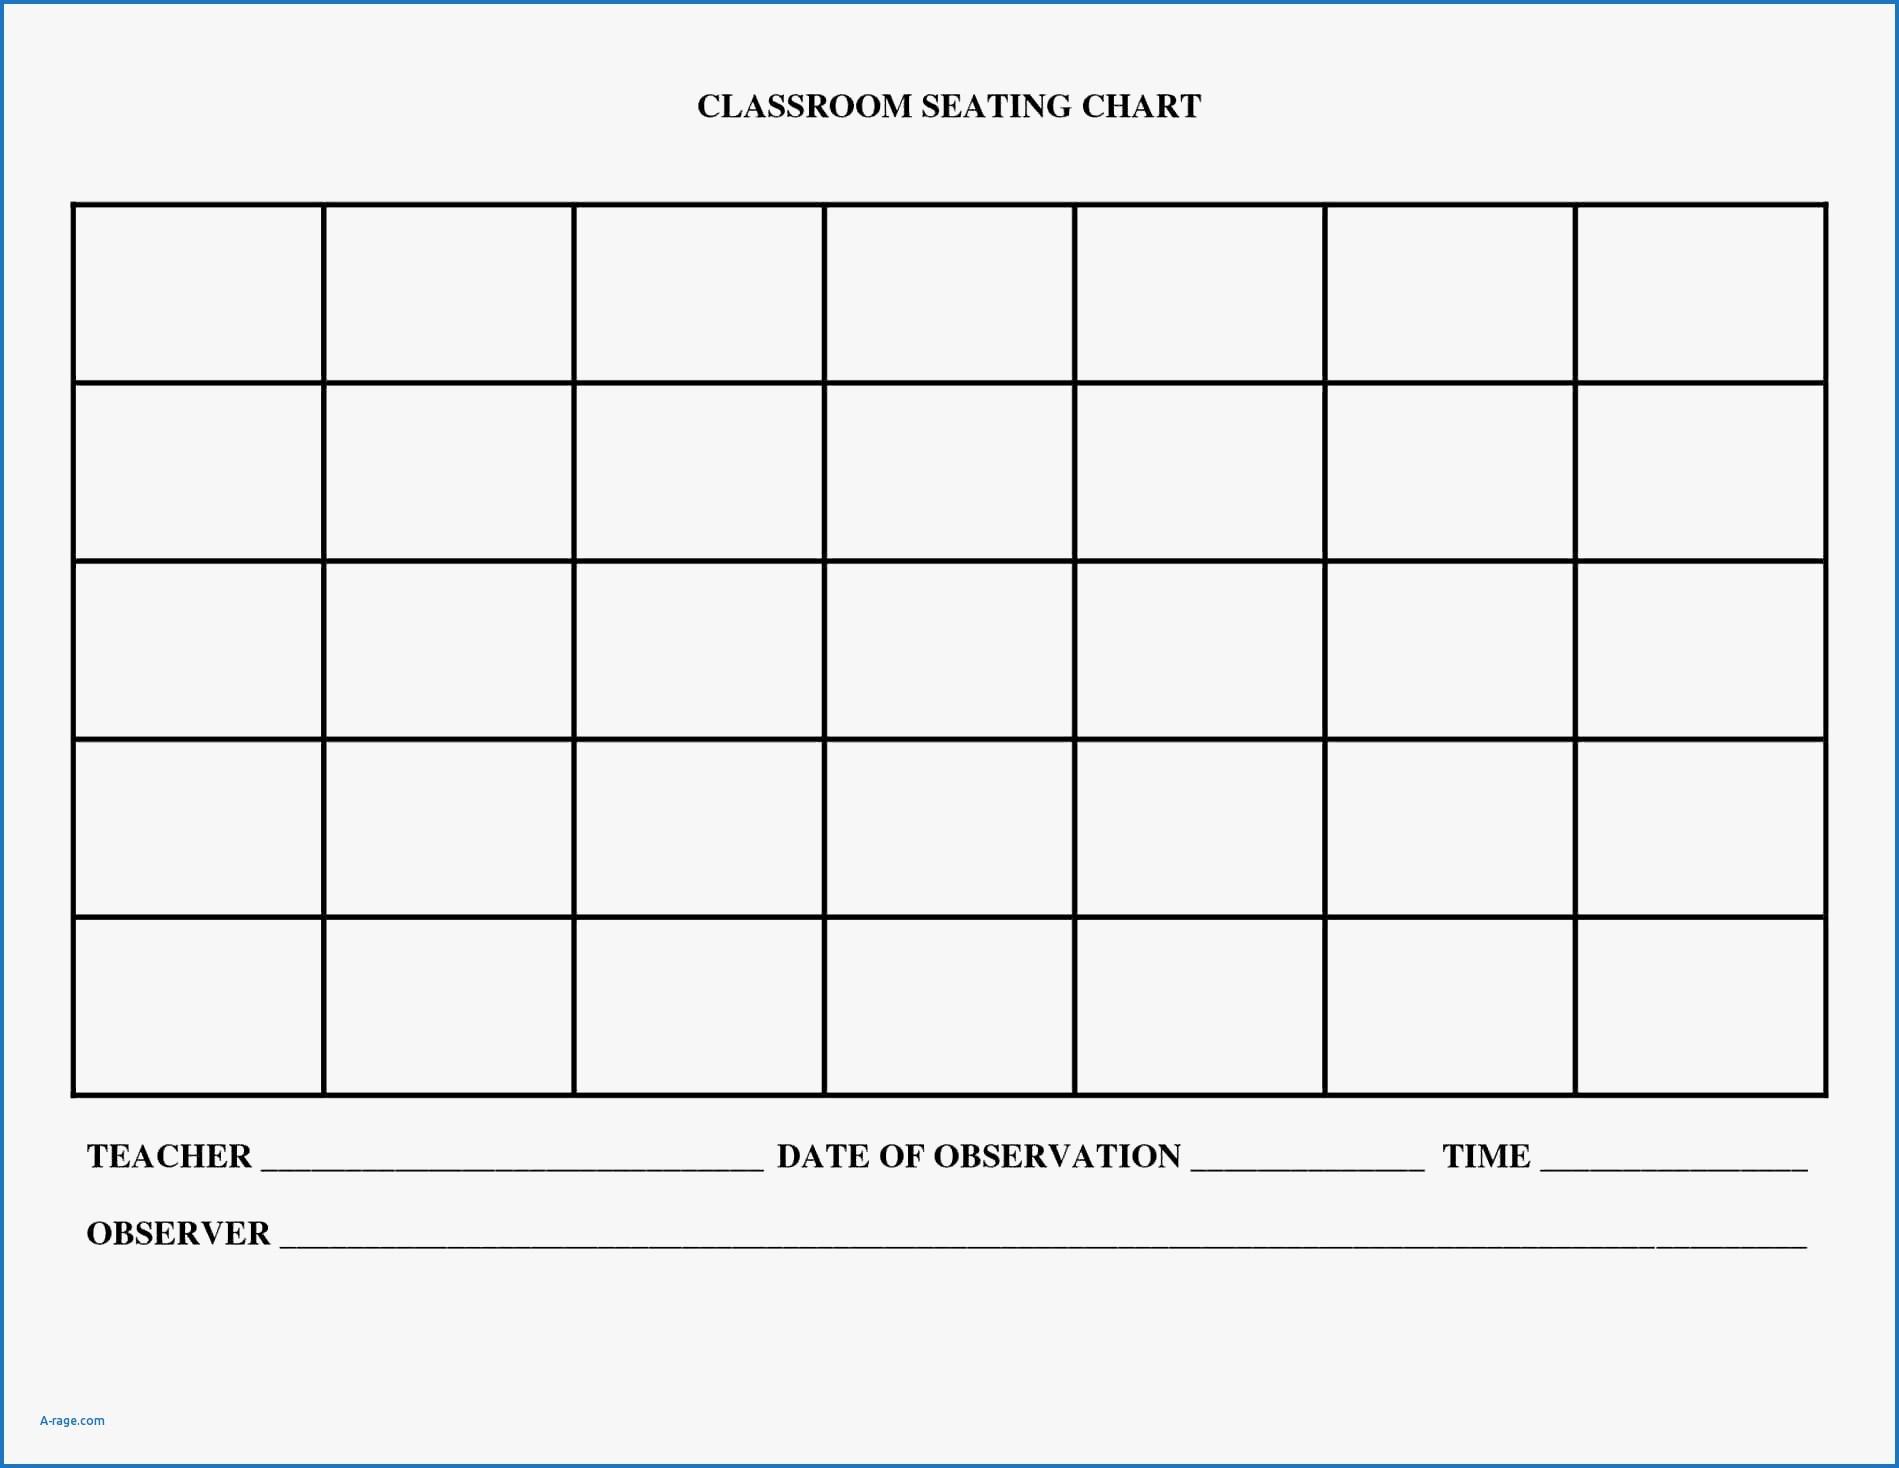 Blood Pressure Excel Spreadsheet For Excel Blood Pressure Chart  Topgradeacai Blood Pressure Excel Spreadsheet Printable Spreadshee Printable Spreadshee free blood pressure excel spreadsheet